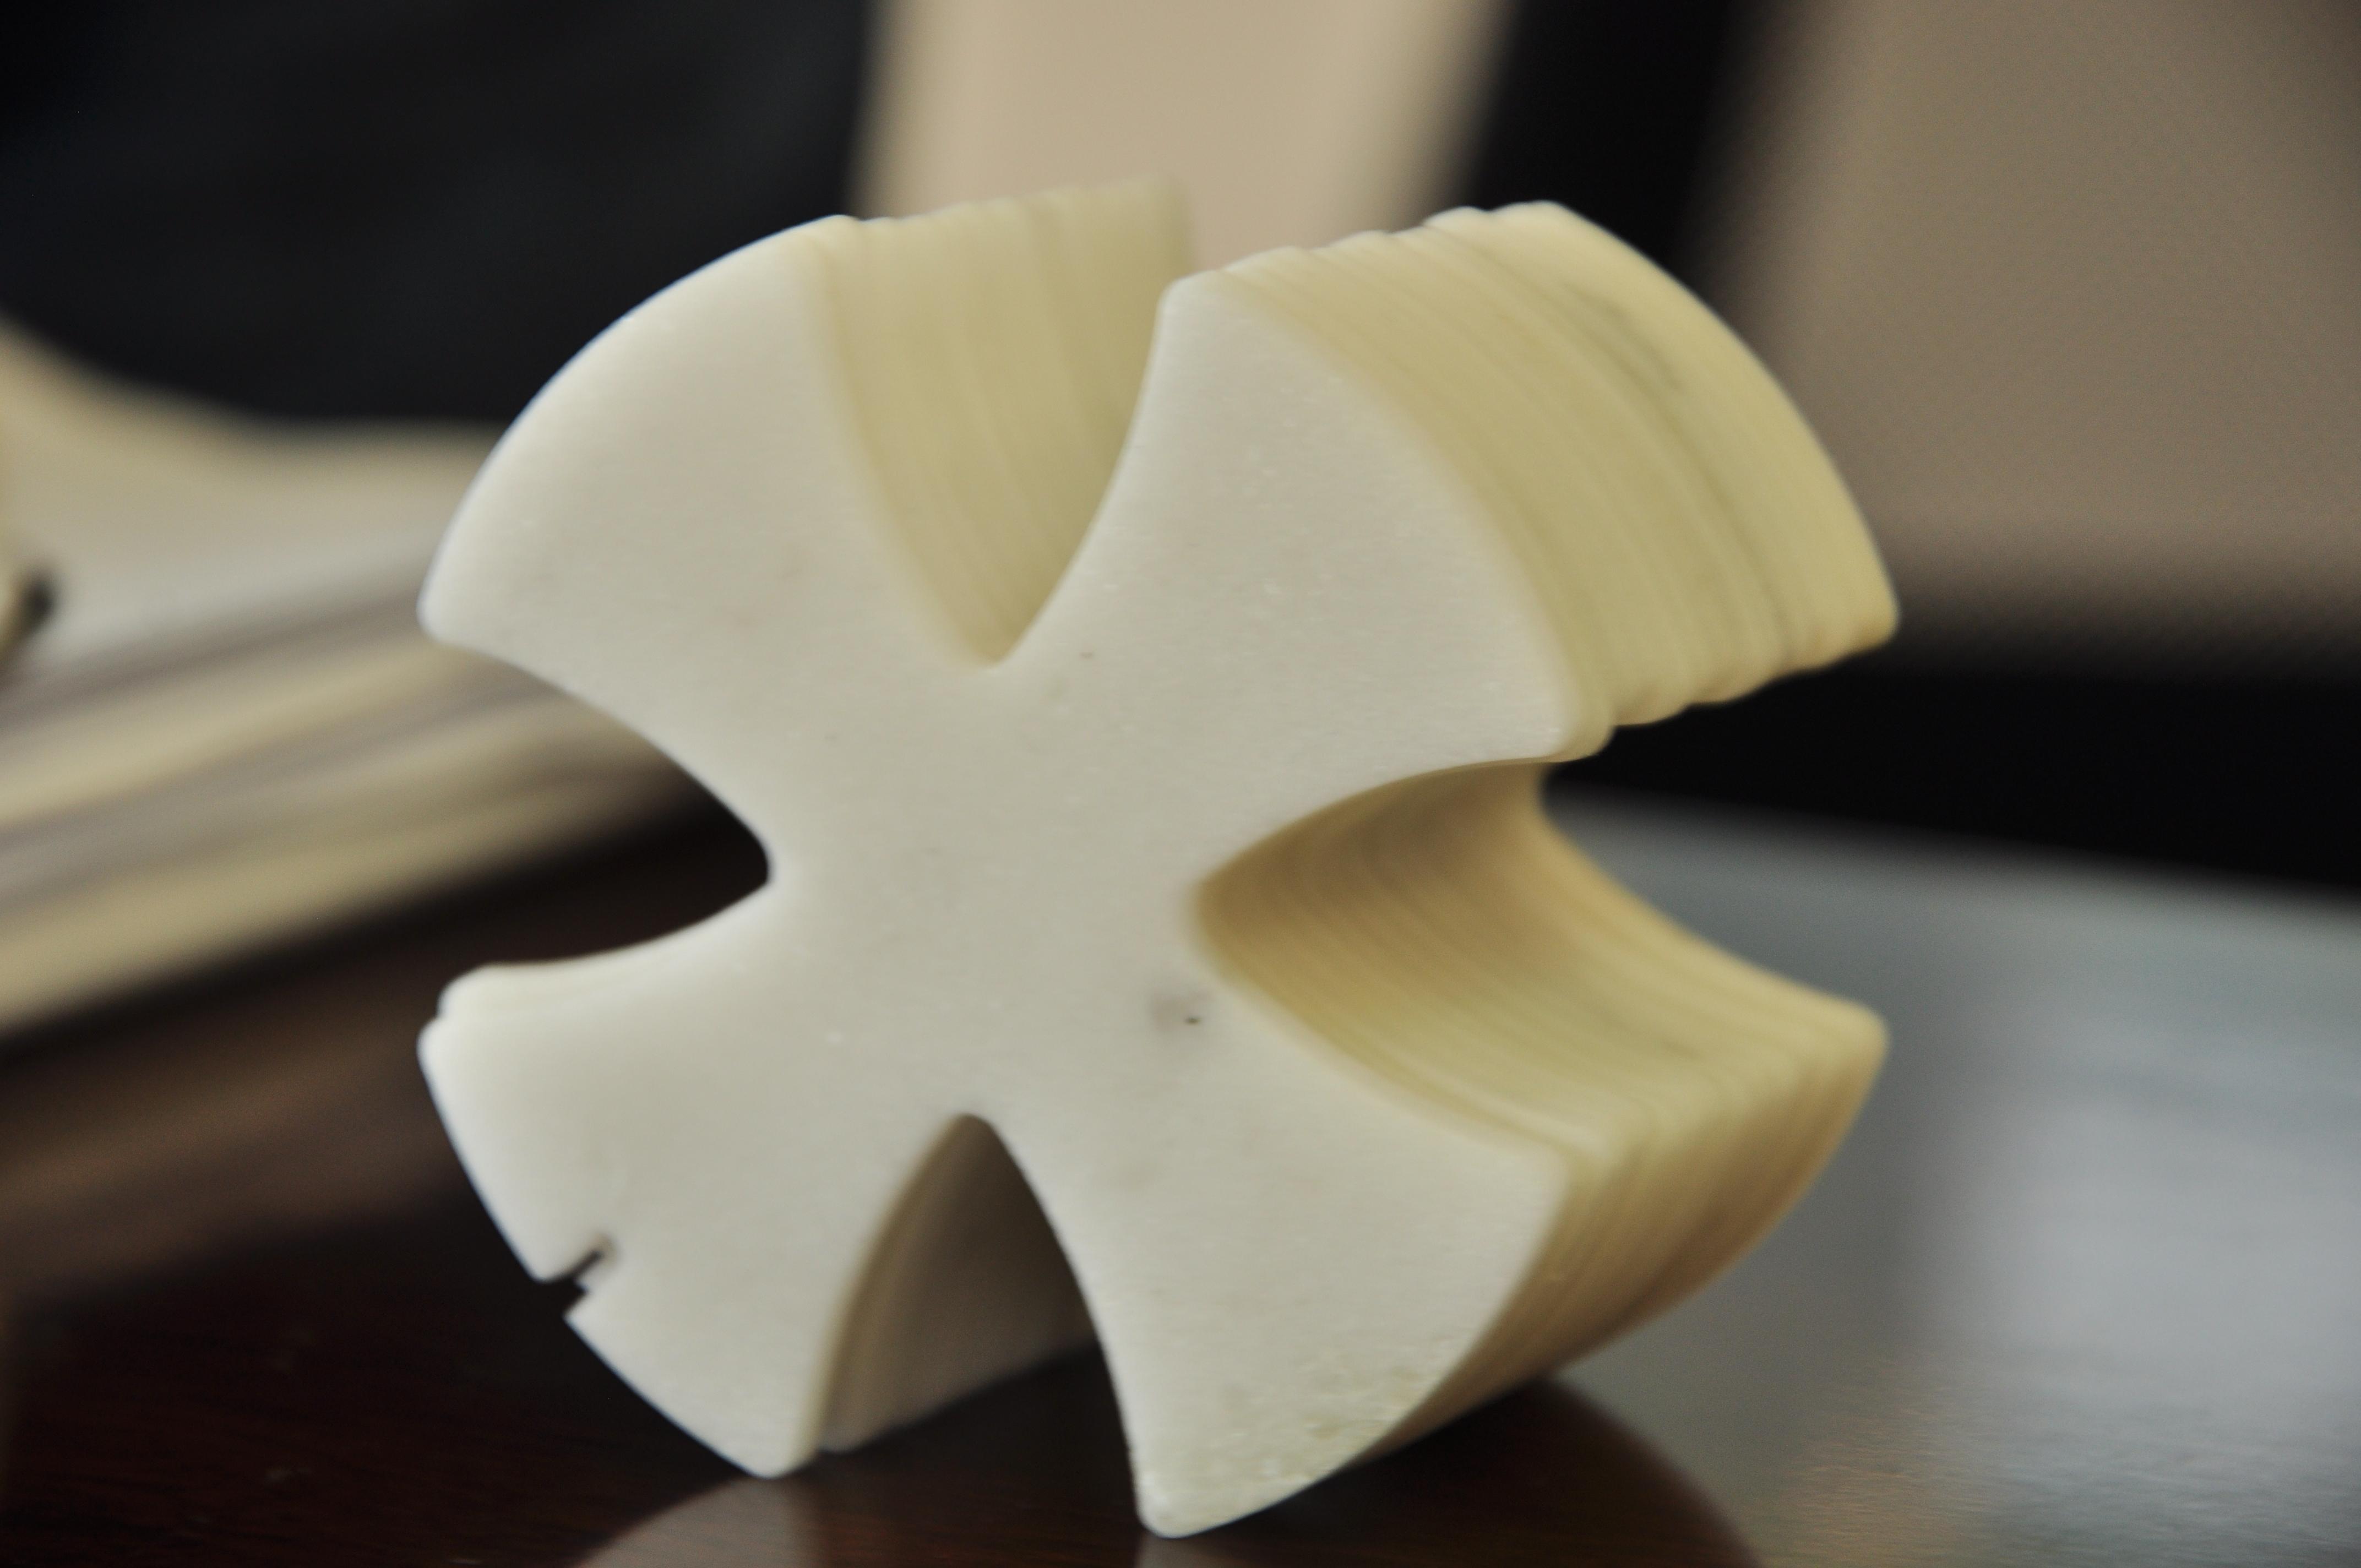 marbre waterjet cutting.JPG